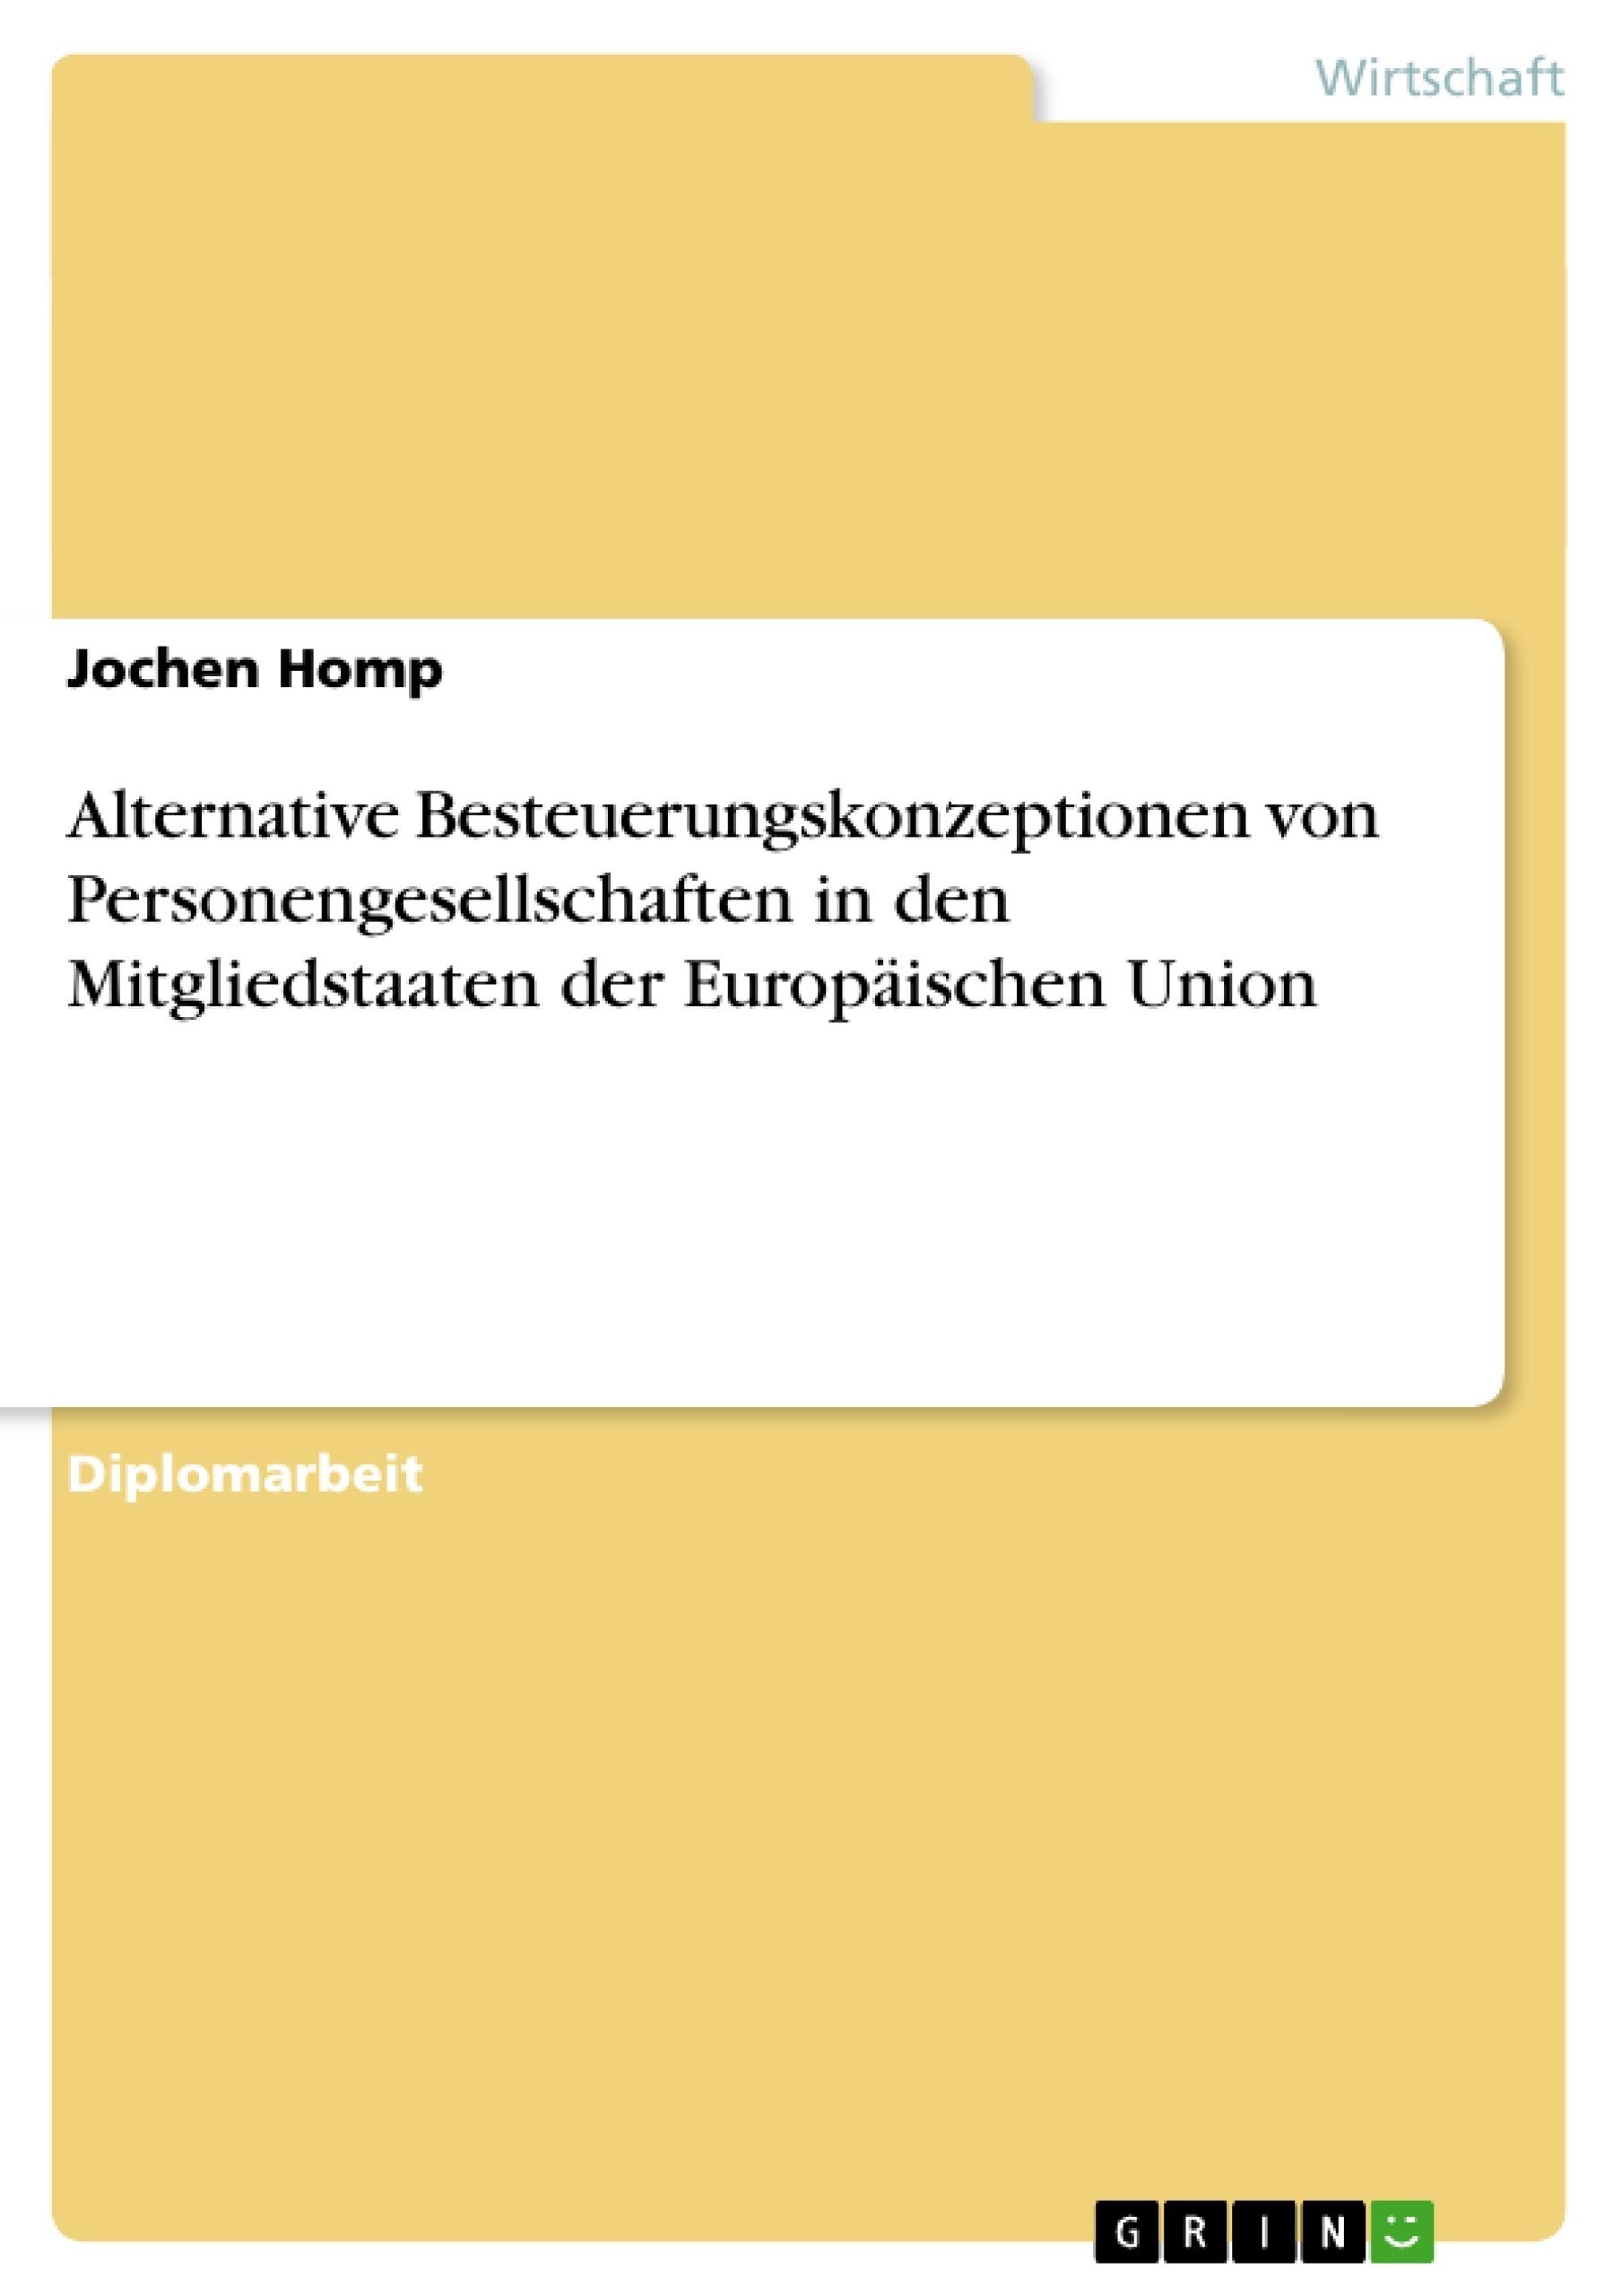 Titel: Alternative Besteuerungskonzeptionen von Personengesellschaften in den Mitgliedstaaten der Europäischen Union